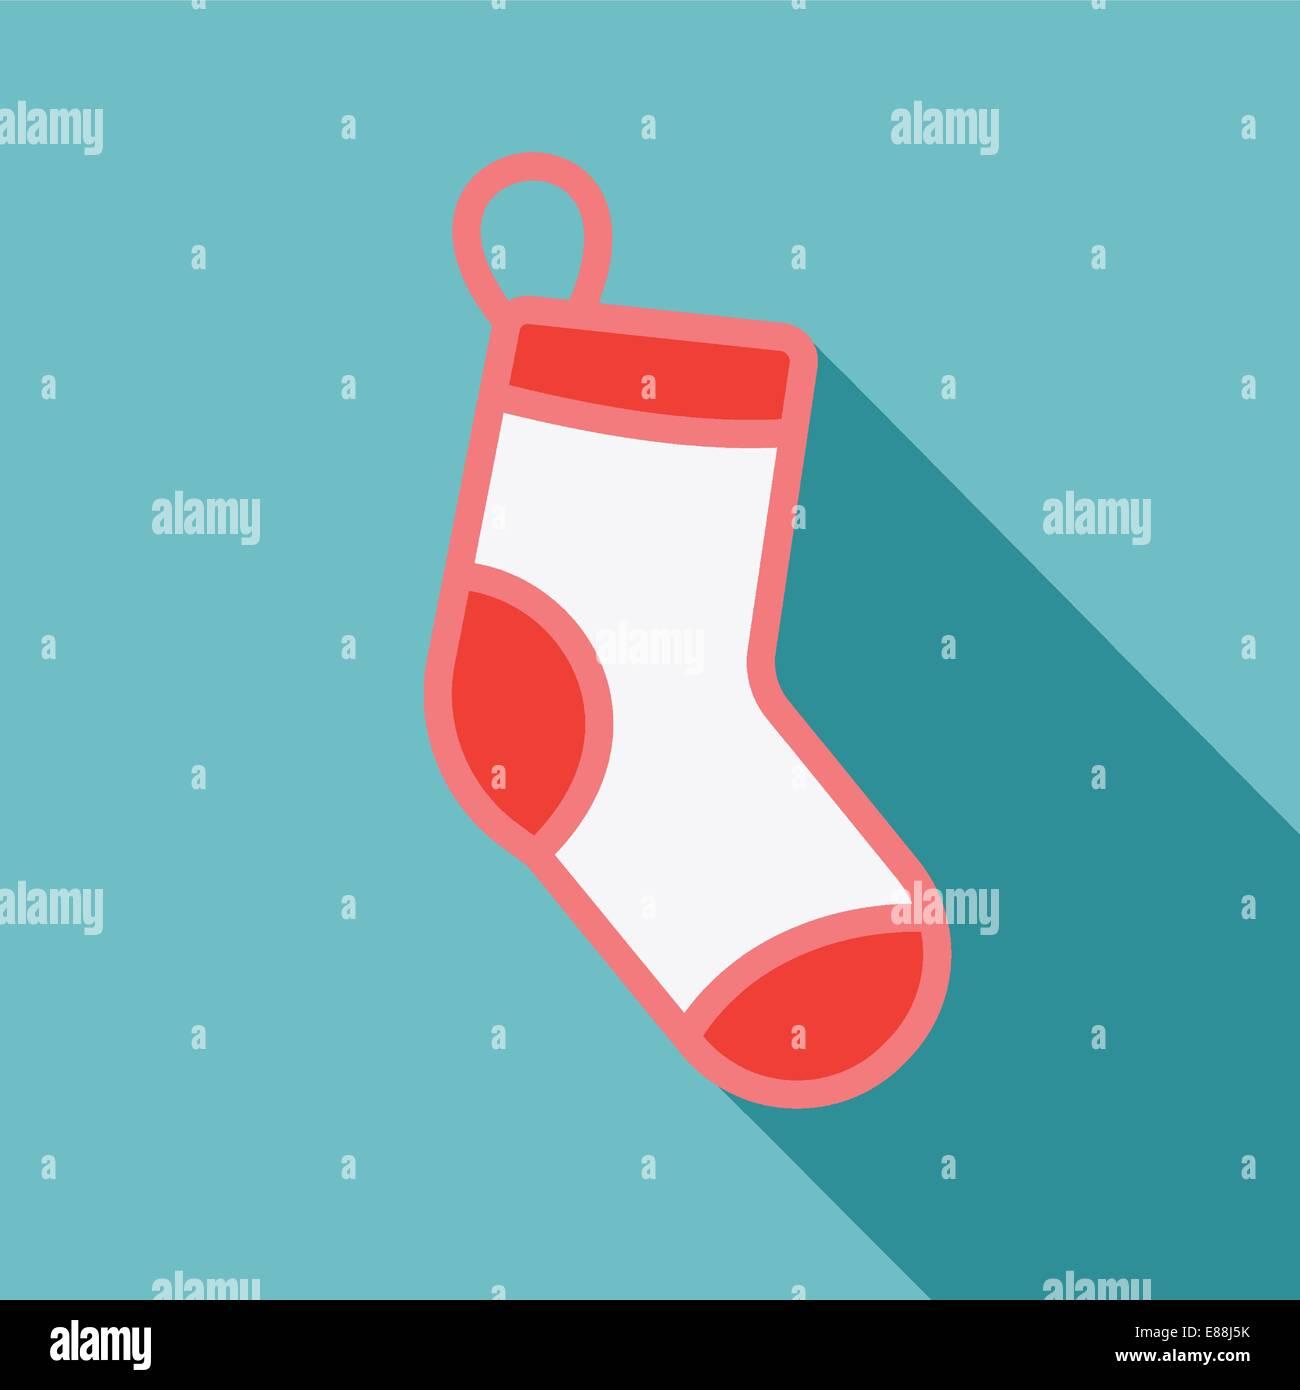 White Christmas stocking on blue background - Stock Image